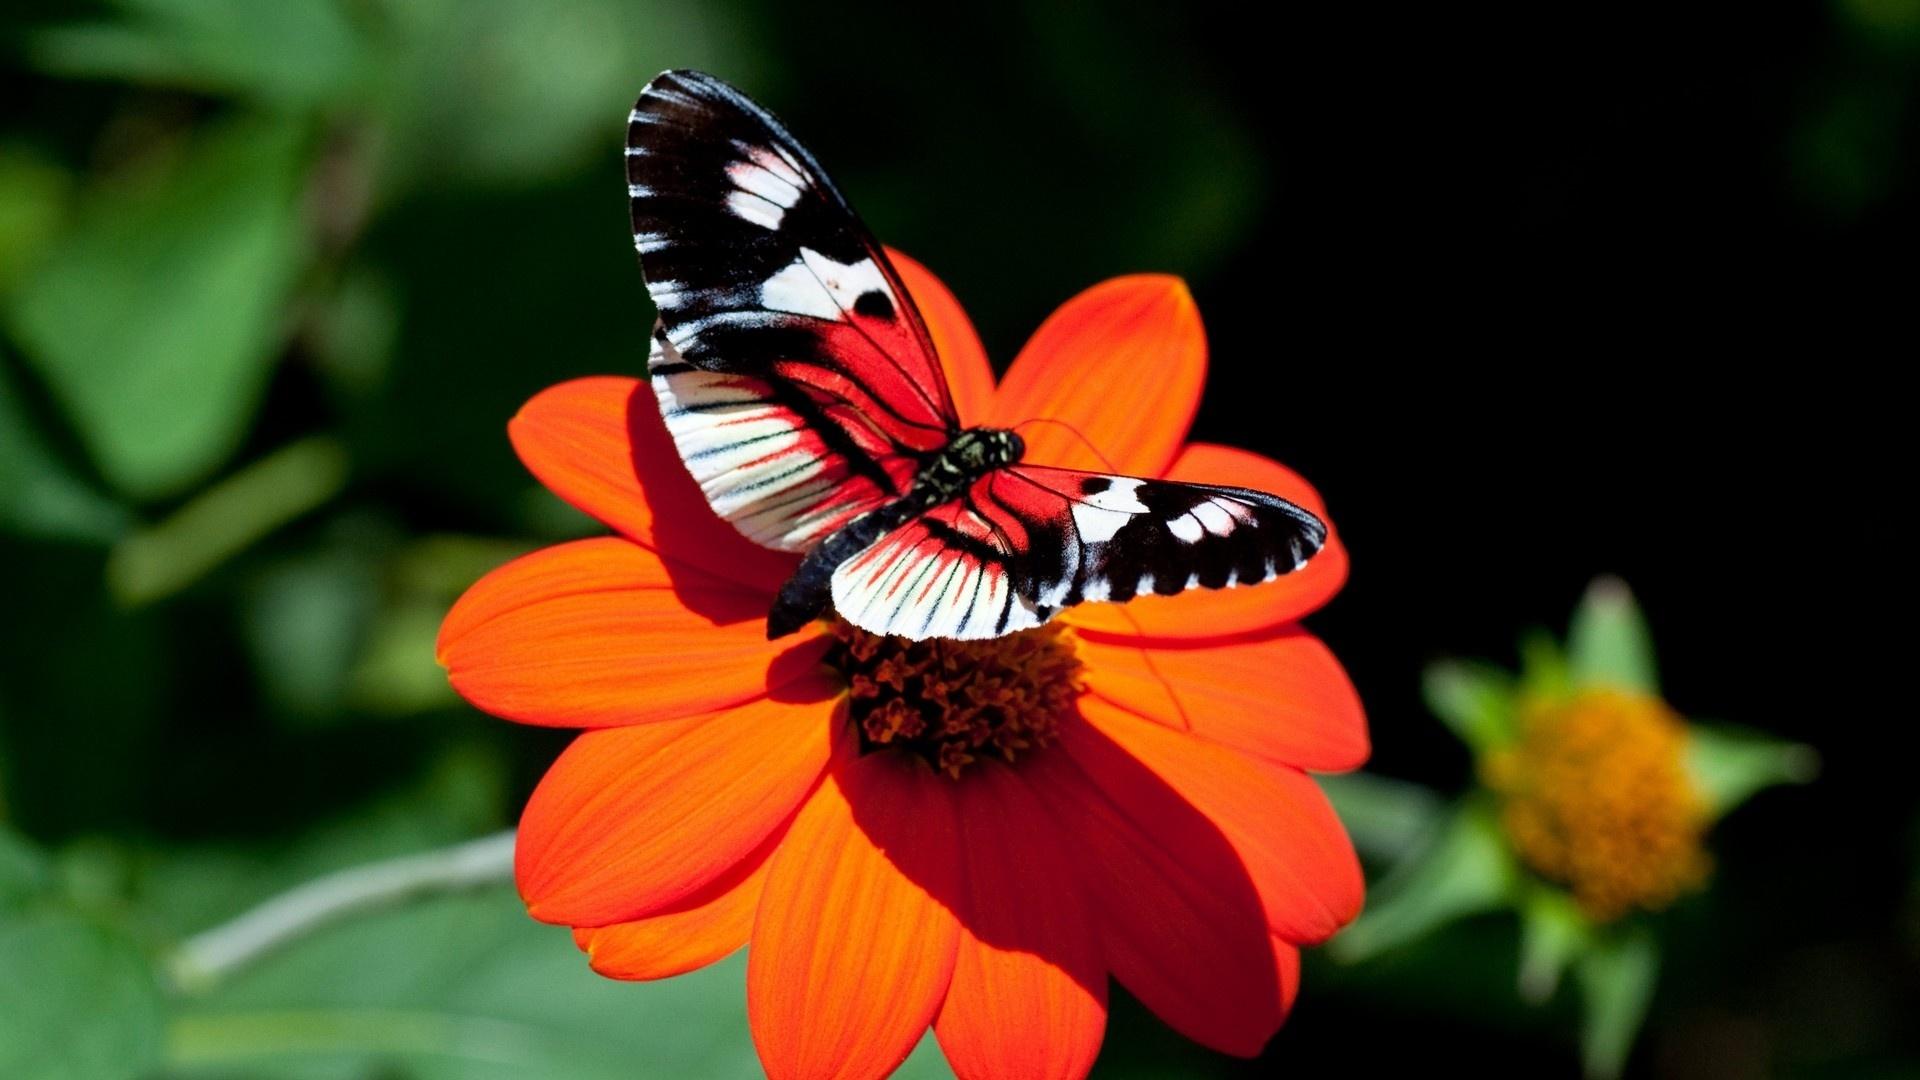 Butterfly On A Flower desktop wallpaper hd